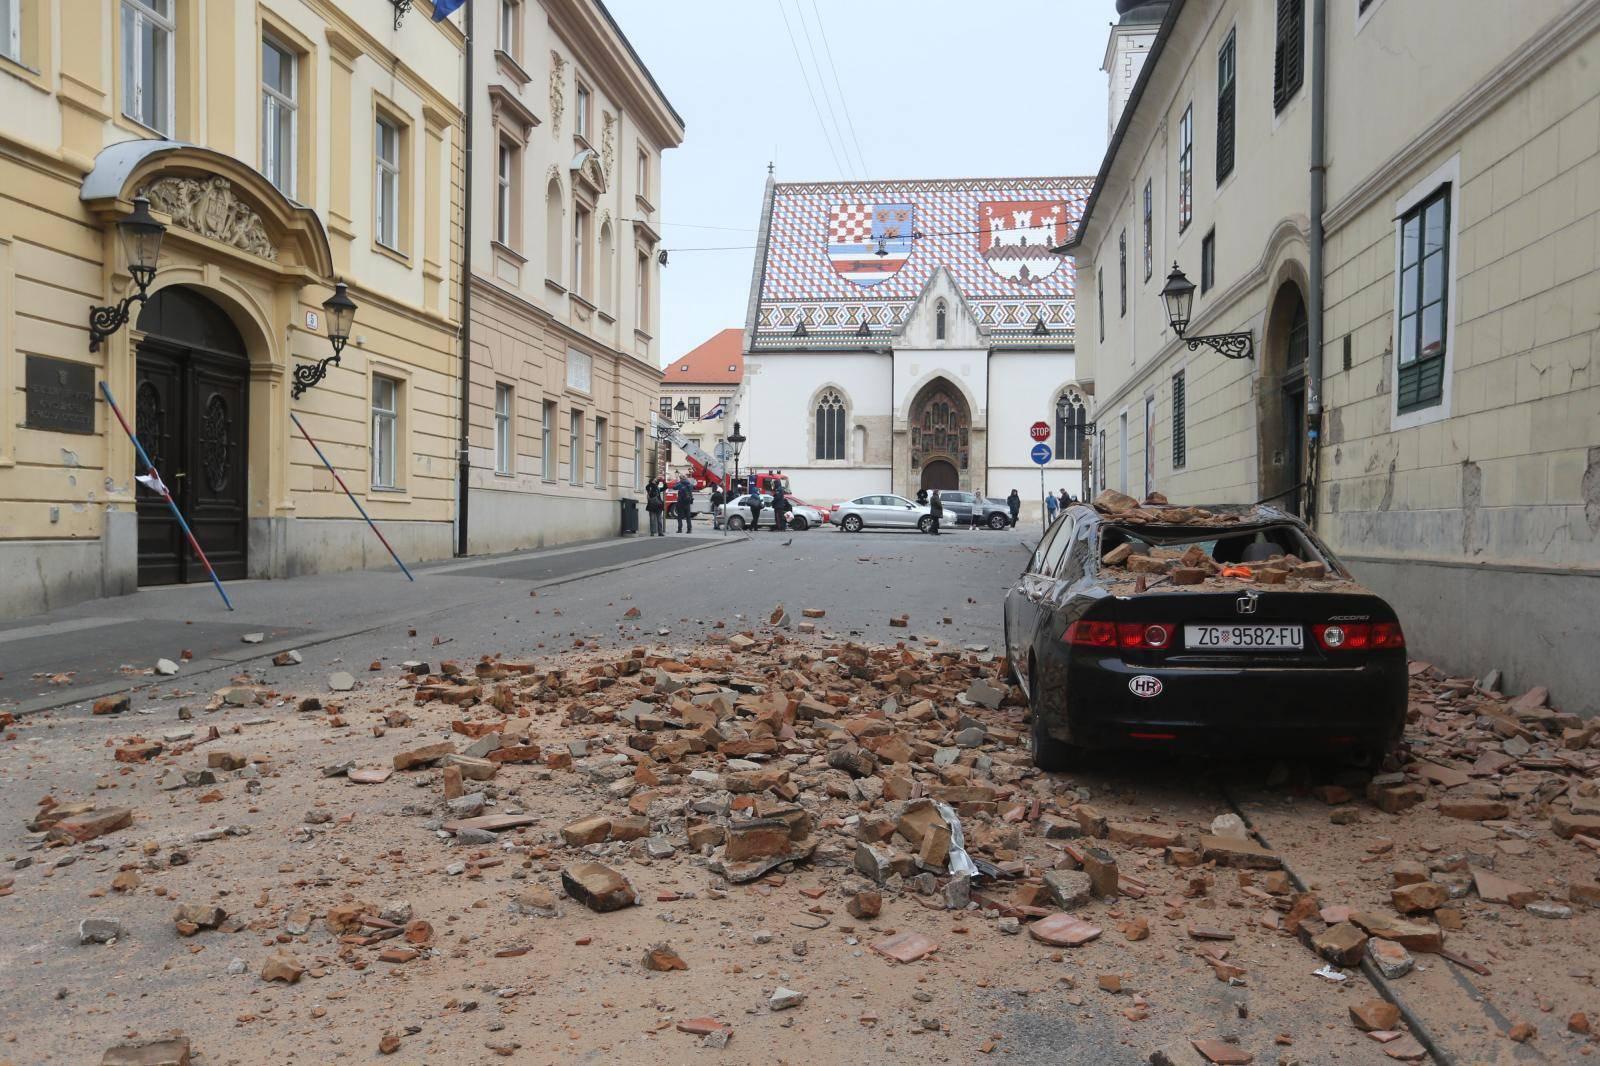 Prva isplata financijske pomoći: Iz Fonda solidarnosti  EU 88,9 milijuna eura pomoći Zagrebu